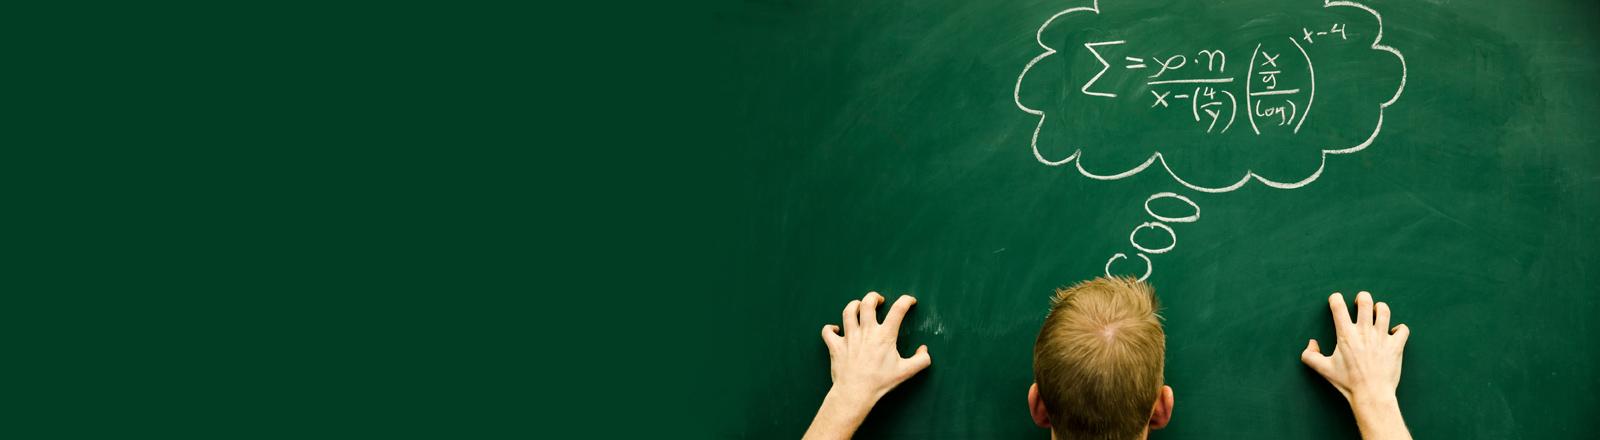 Mathe-Angst: Ein Mann steht vor einer grünen Tafel, auf der in einer Denkblase eine Formel mit Kreide geschrieben steht.